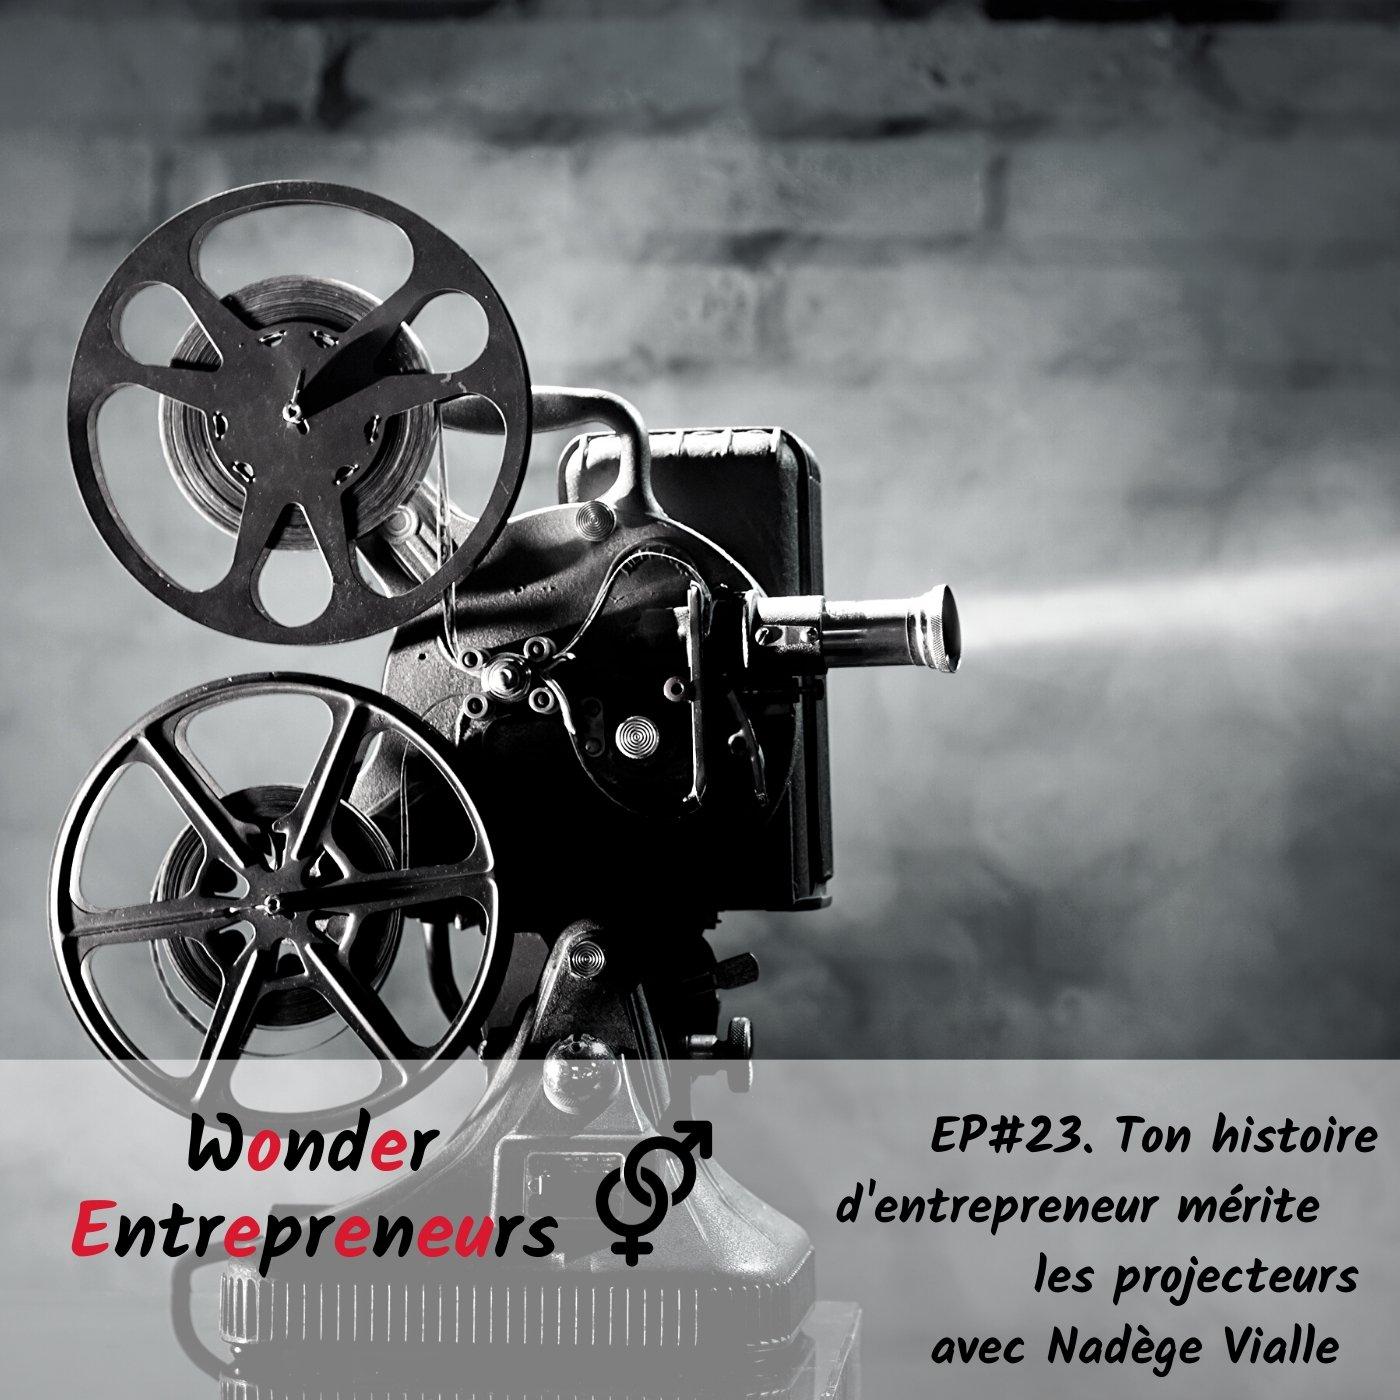 Ep 23 Podcast Wonder Entrepreneurs ton histoire d'entrepreneur mérite les projecteurs